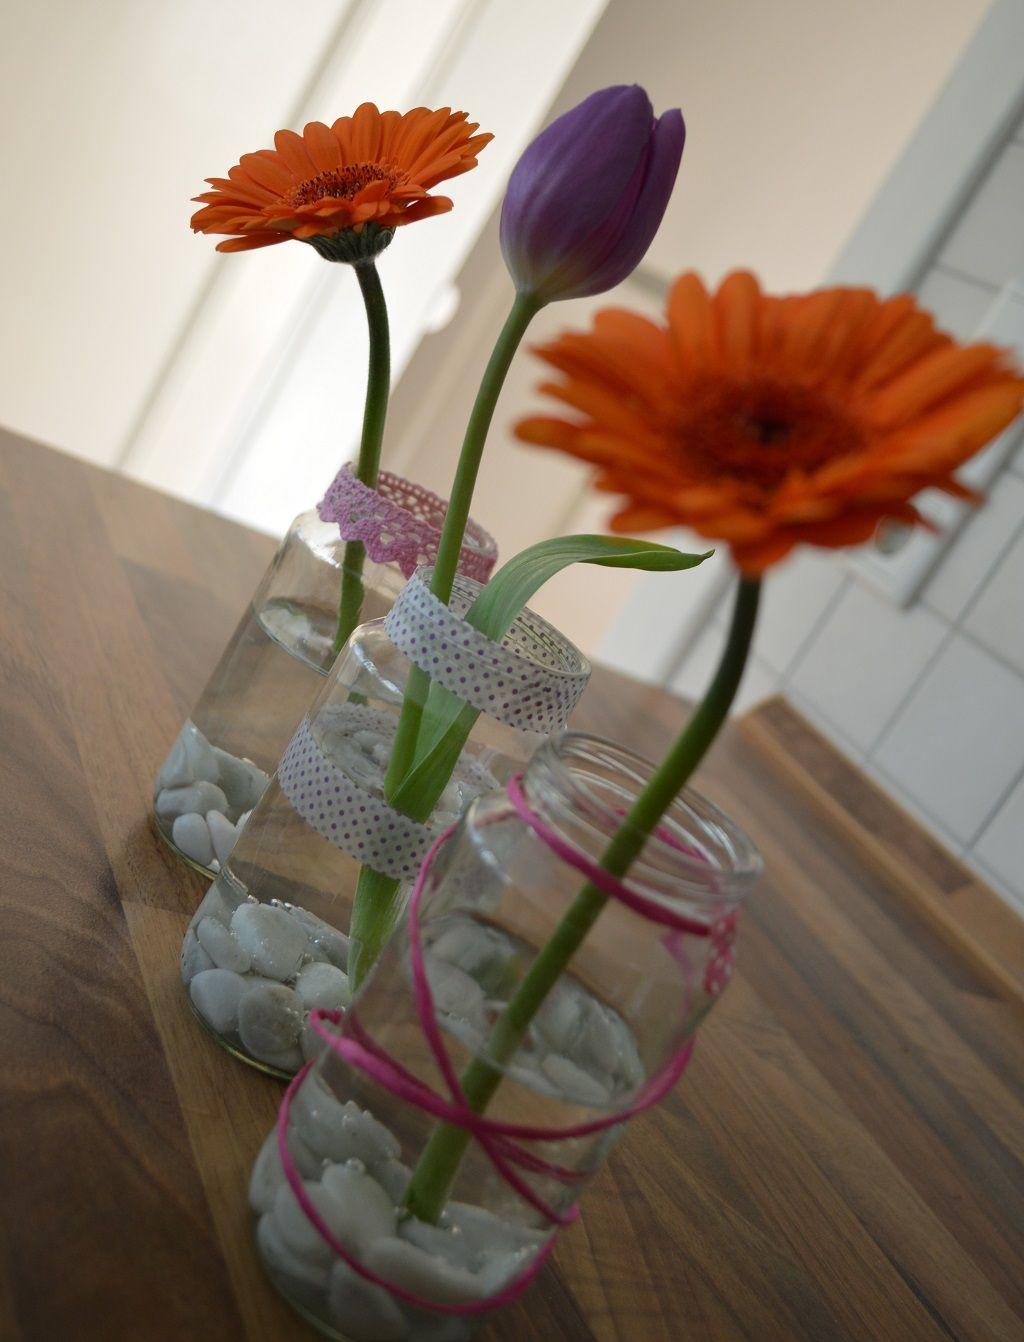 ihr braucht eine einfache aber elegante deko f r die geburtstagstafel ein kaffeetrinken oder. Black Bedroom Furniture Sets. Home Design Ideas